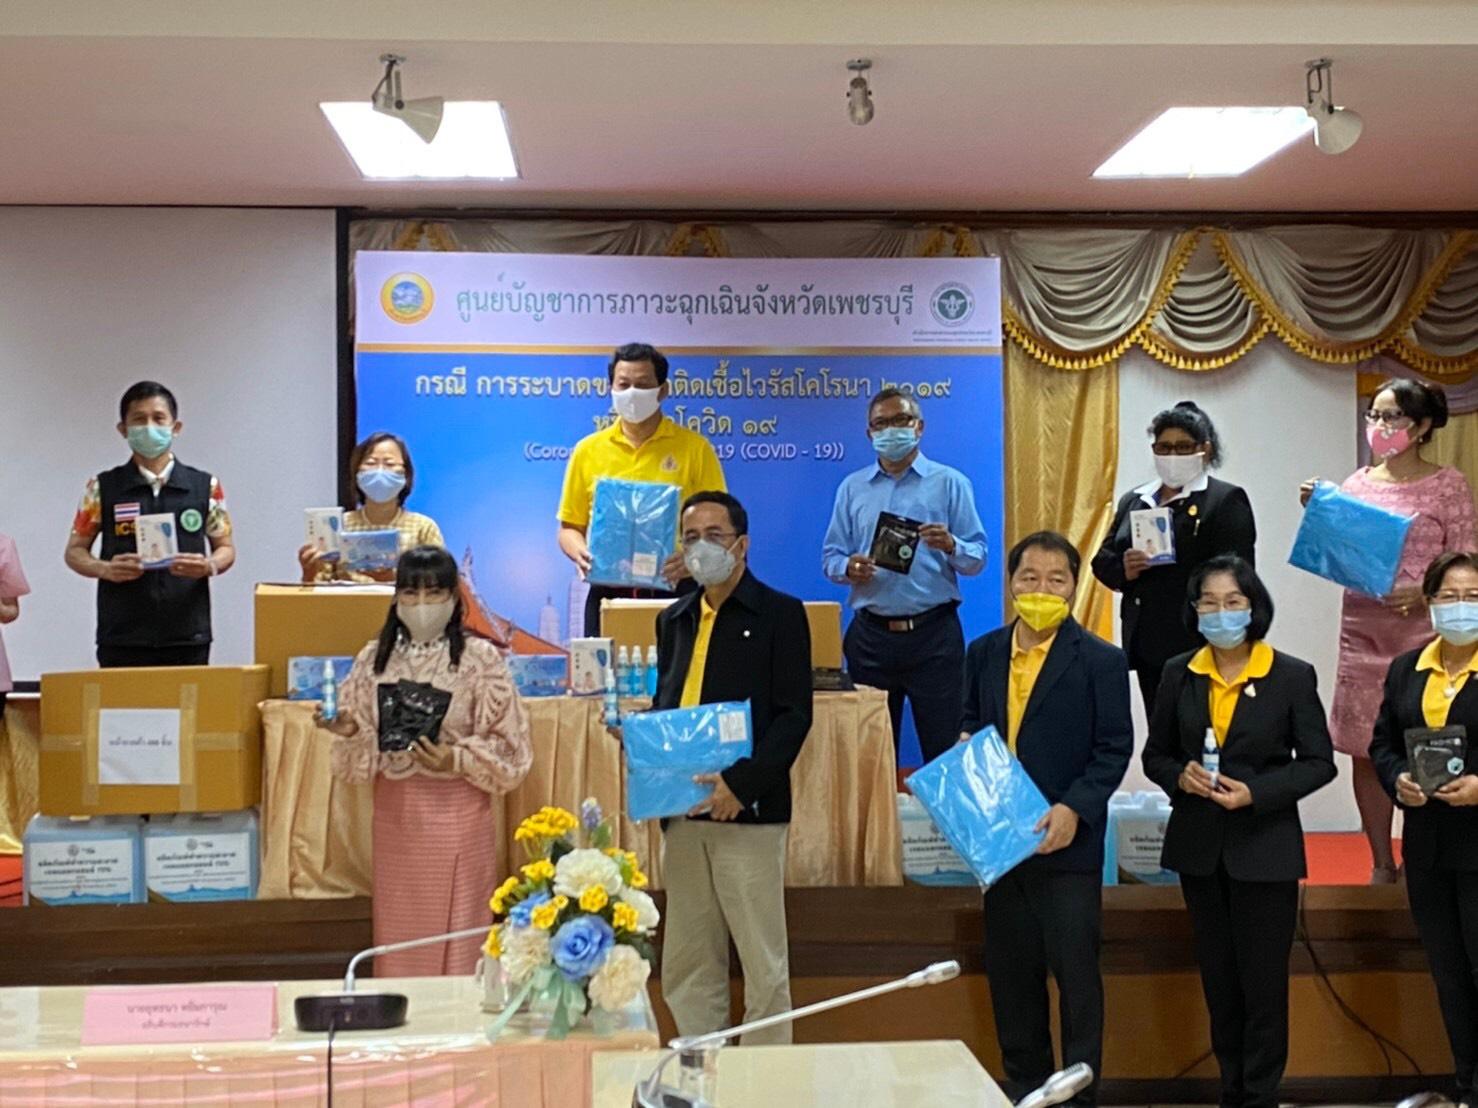 สมาคมชาวเพชรบุรี ร่วมใจต้านภัยโควิด-19